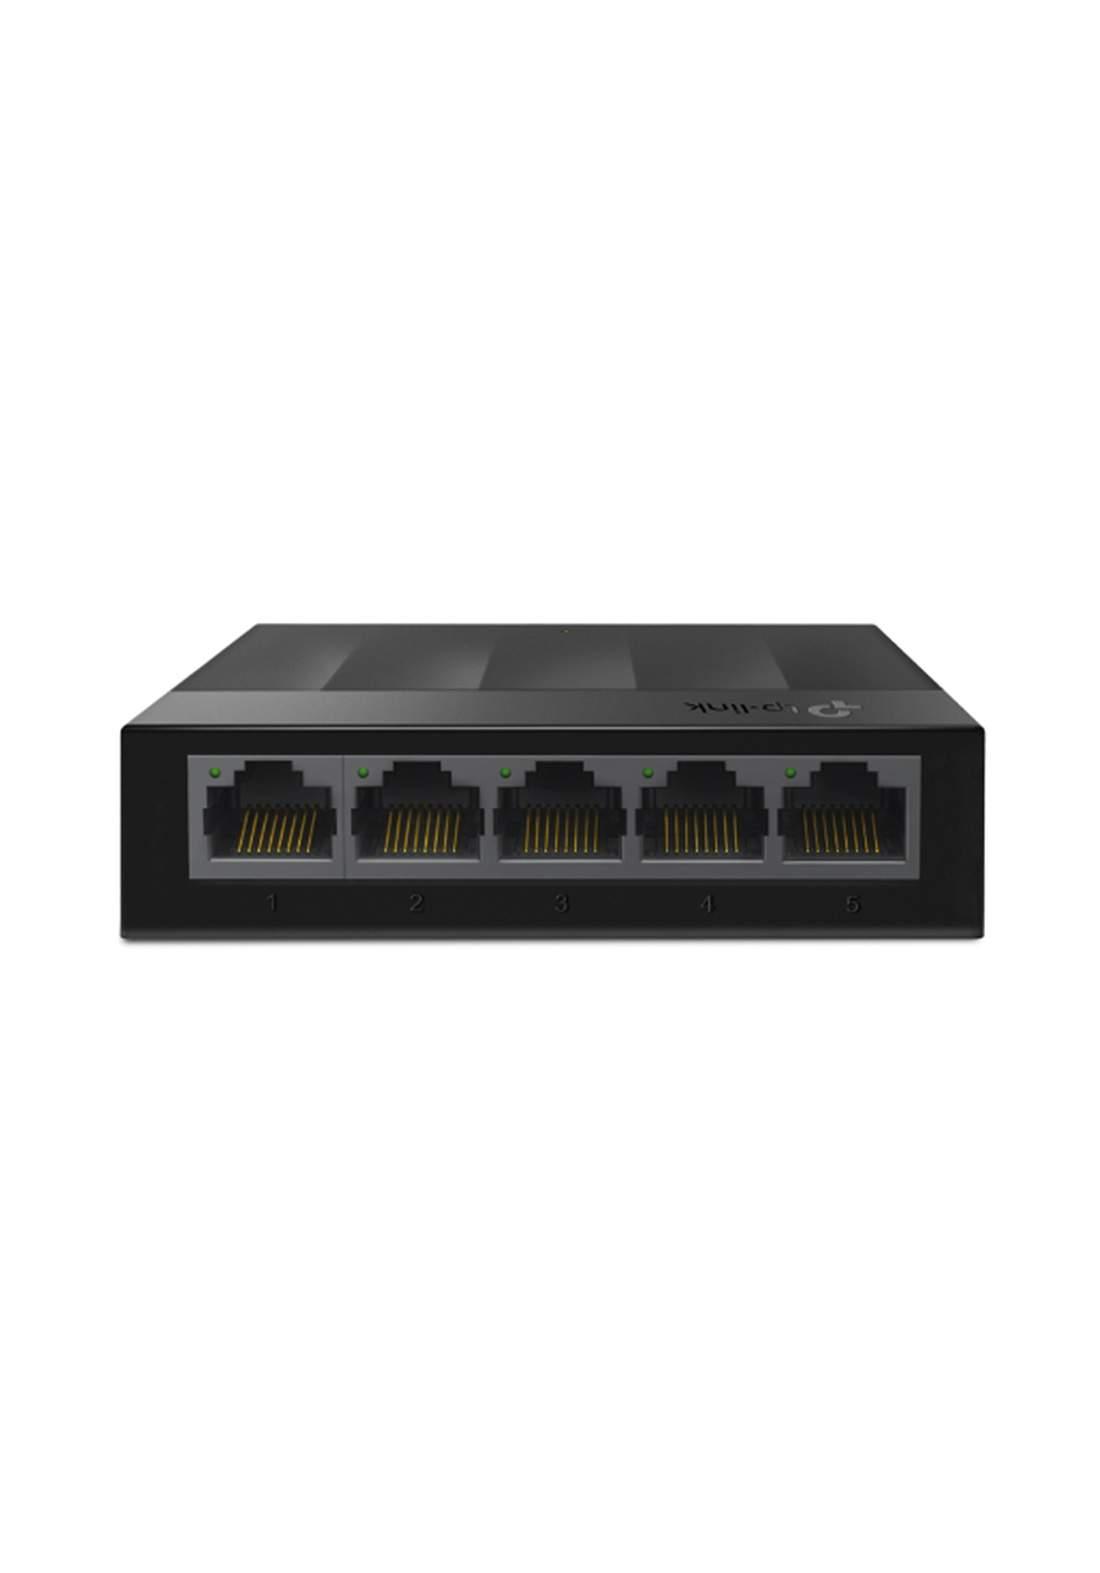 Tp-Link 5-Port 10/100/1000Mbps Desktop Switch - Black